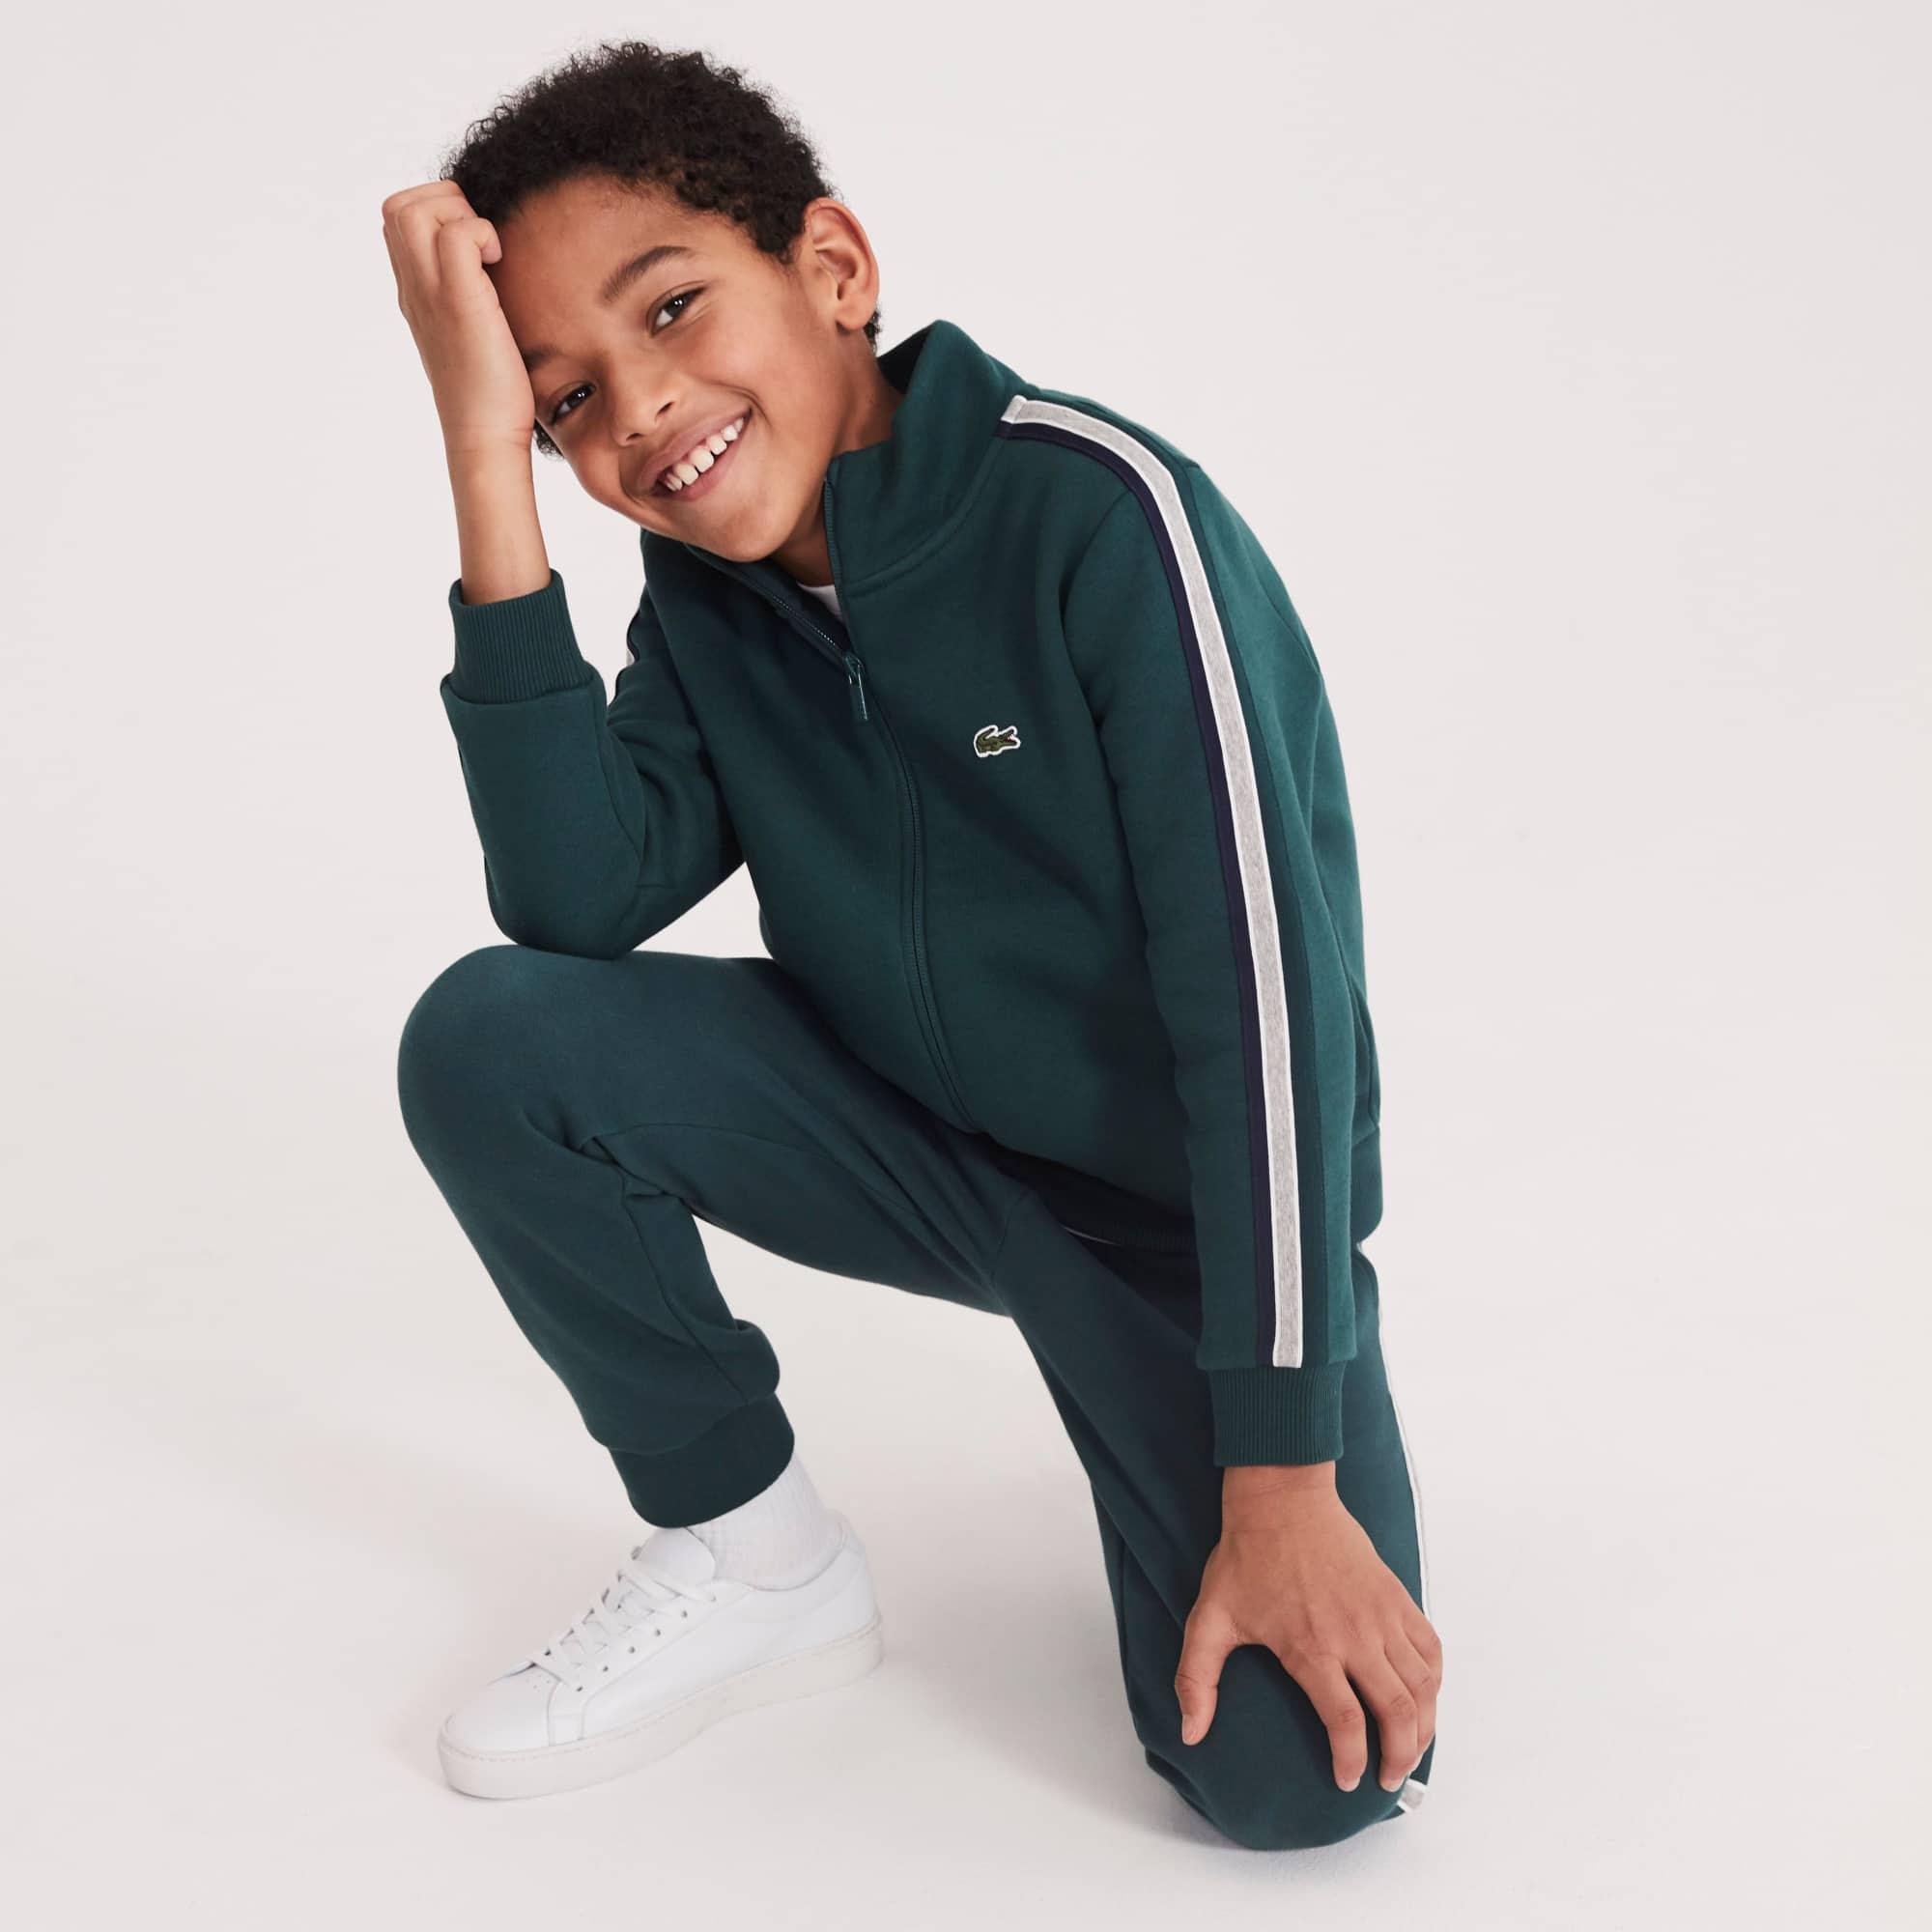 Lacoste Boys Sj9014 Sweatshirt